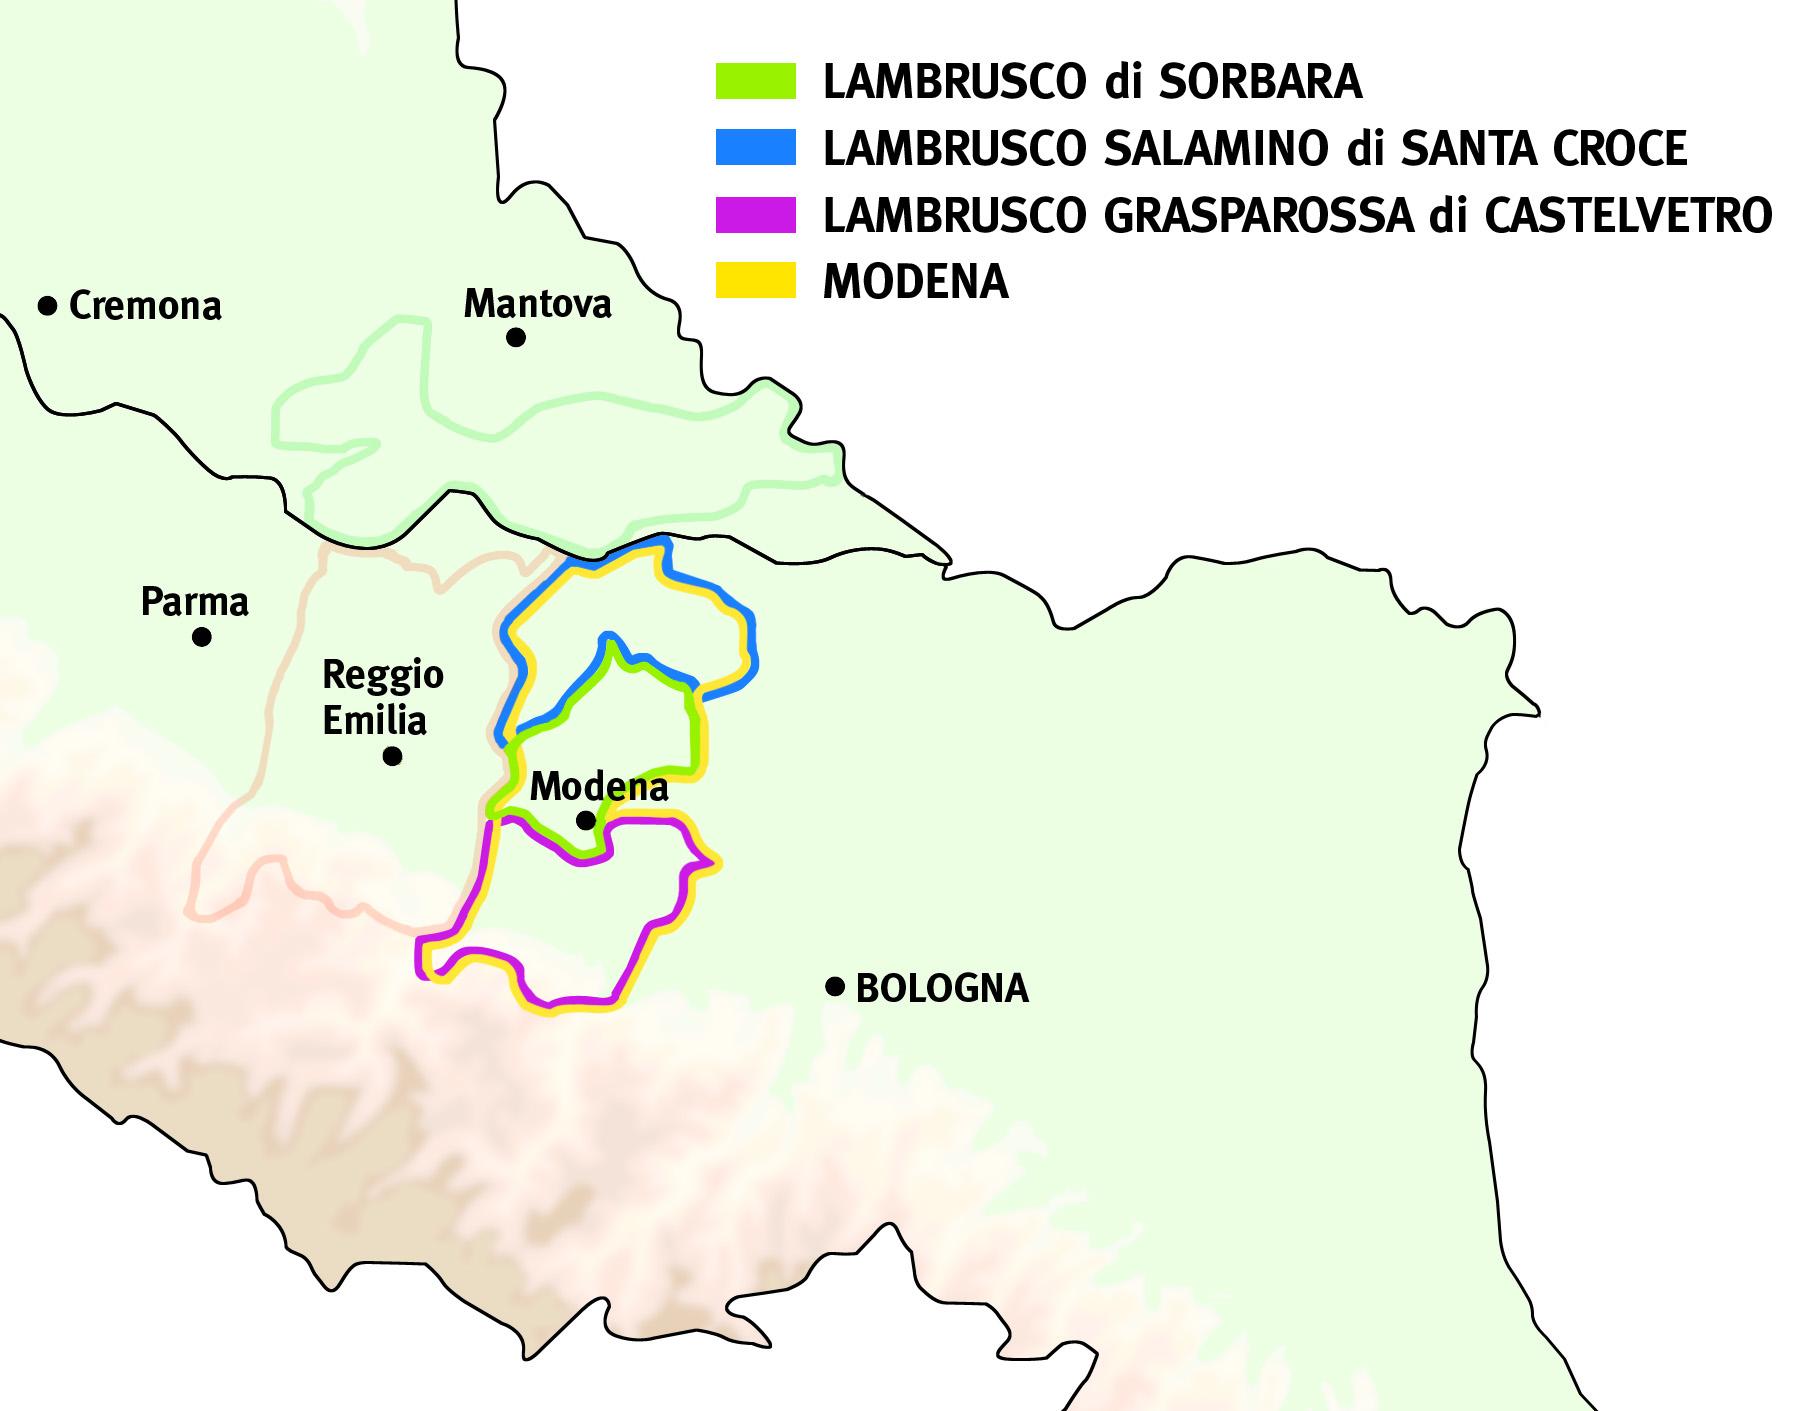 Lambrusco Modenese mappa